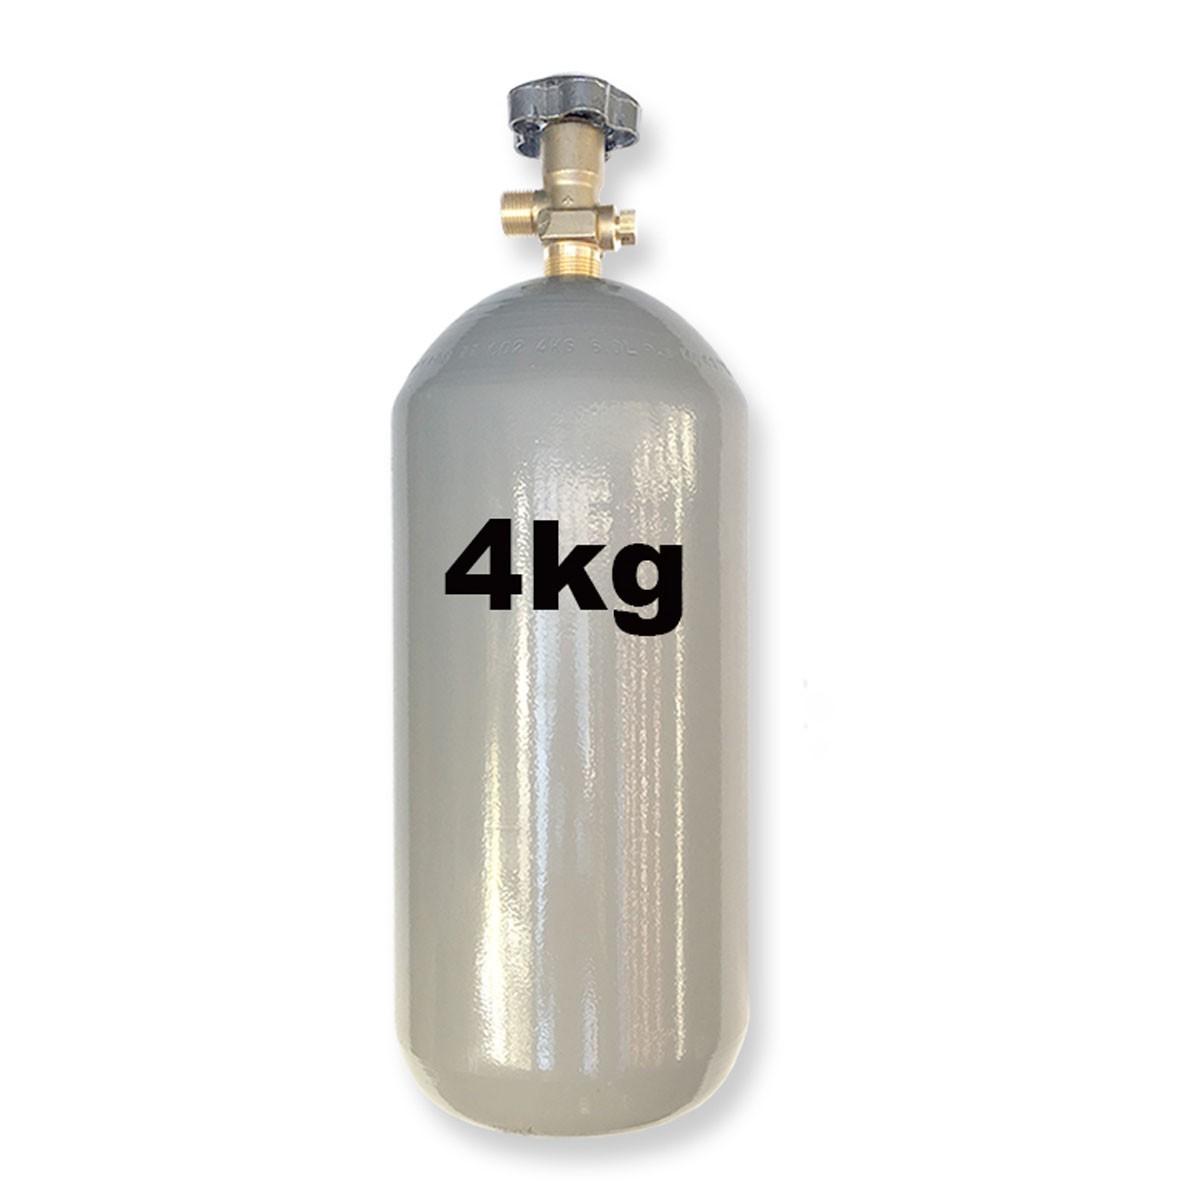 Cilindro de Co2 Para Chopp ou Aquário - 4 Kg